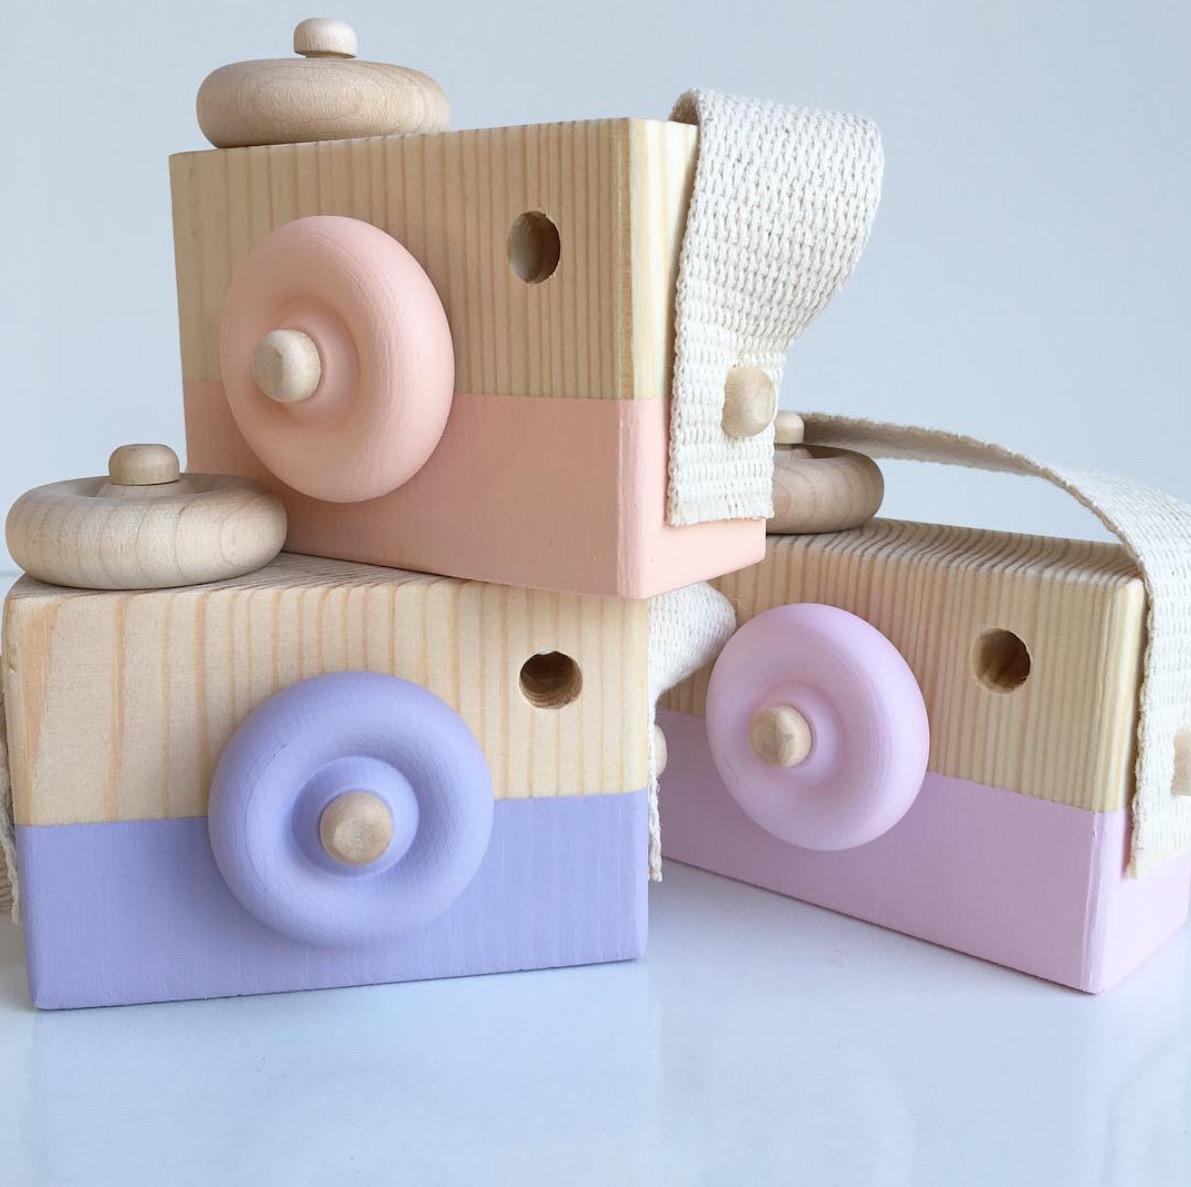 Fun Wooden Toys